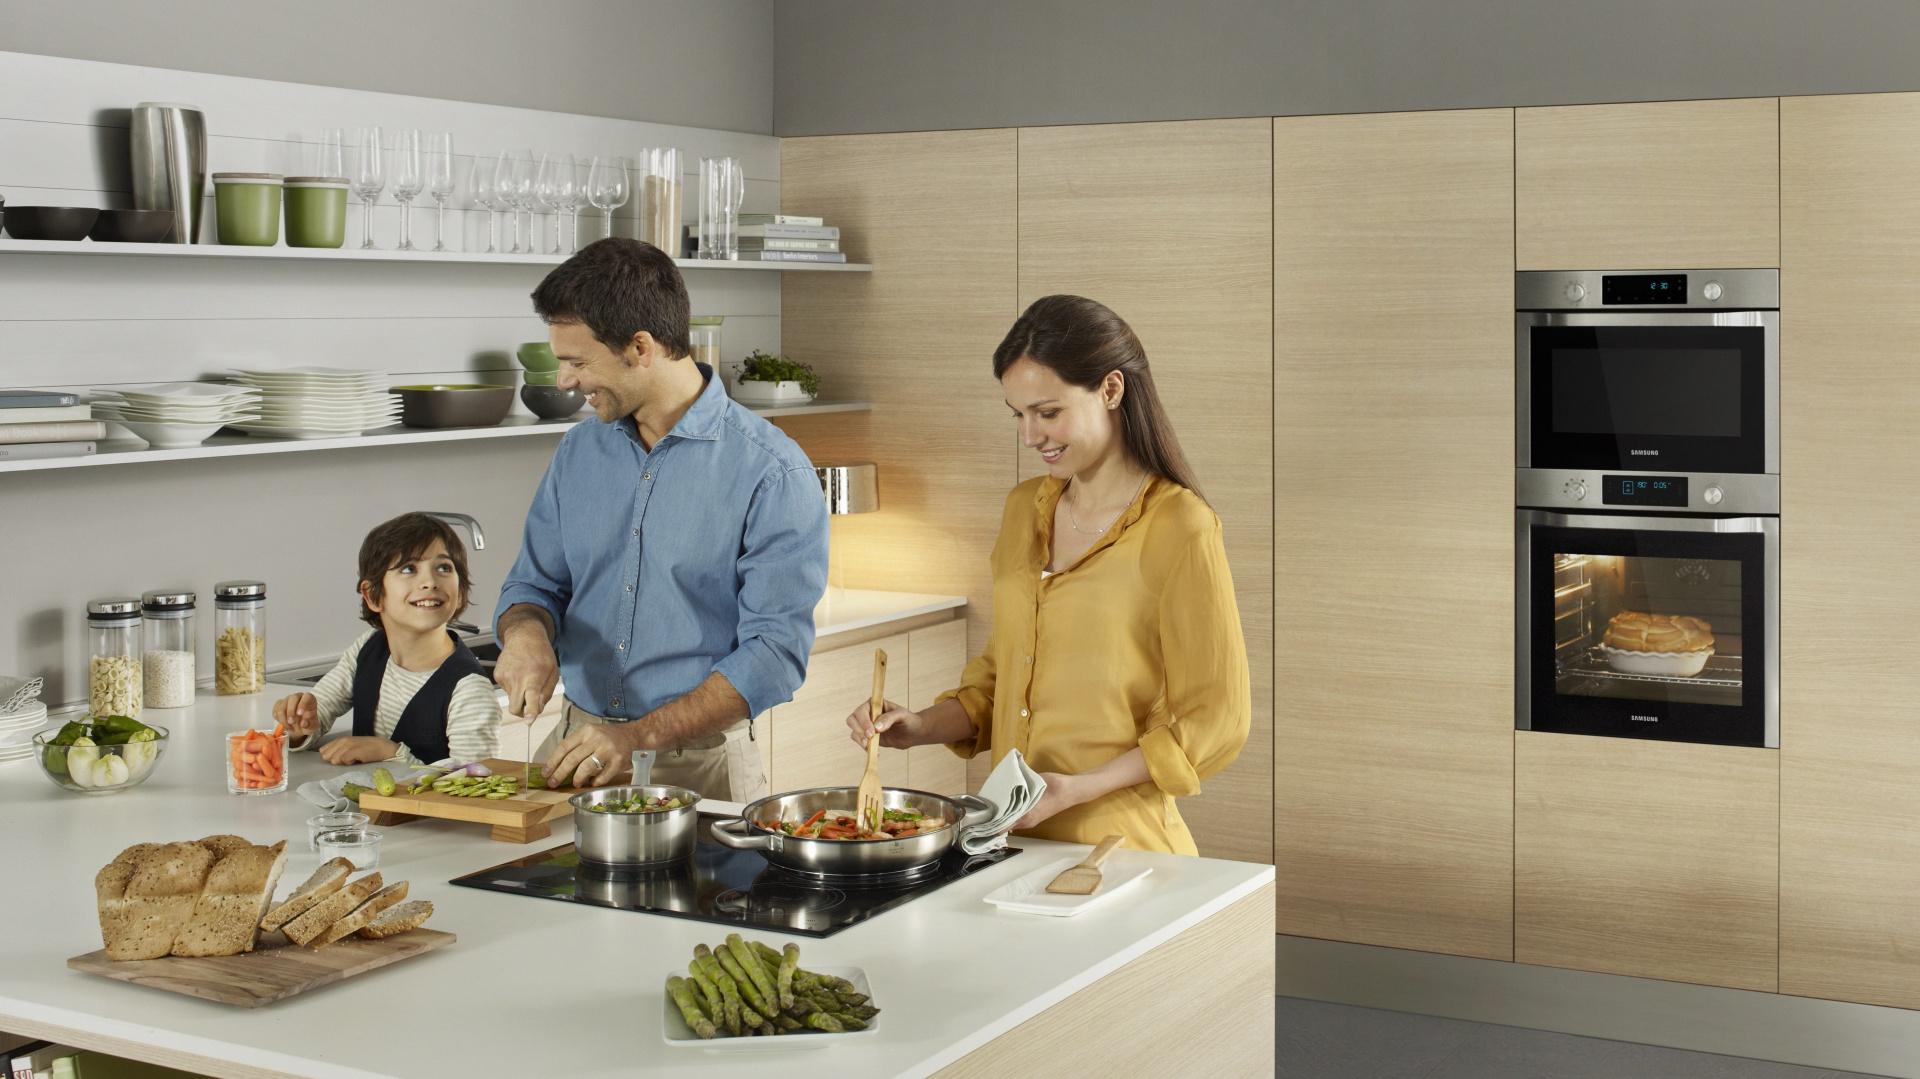 Piekarniki do zabudowy z serii Neo Dual Cook, pozwalający na pieczenie dwóch potraw w jednym piekarniku, w tym samym czasie, ale w różnych trybach i temperaturach. Fot. Samsung.